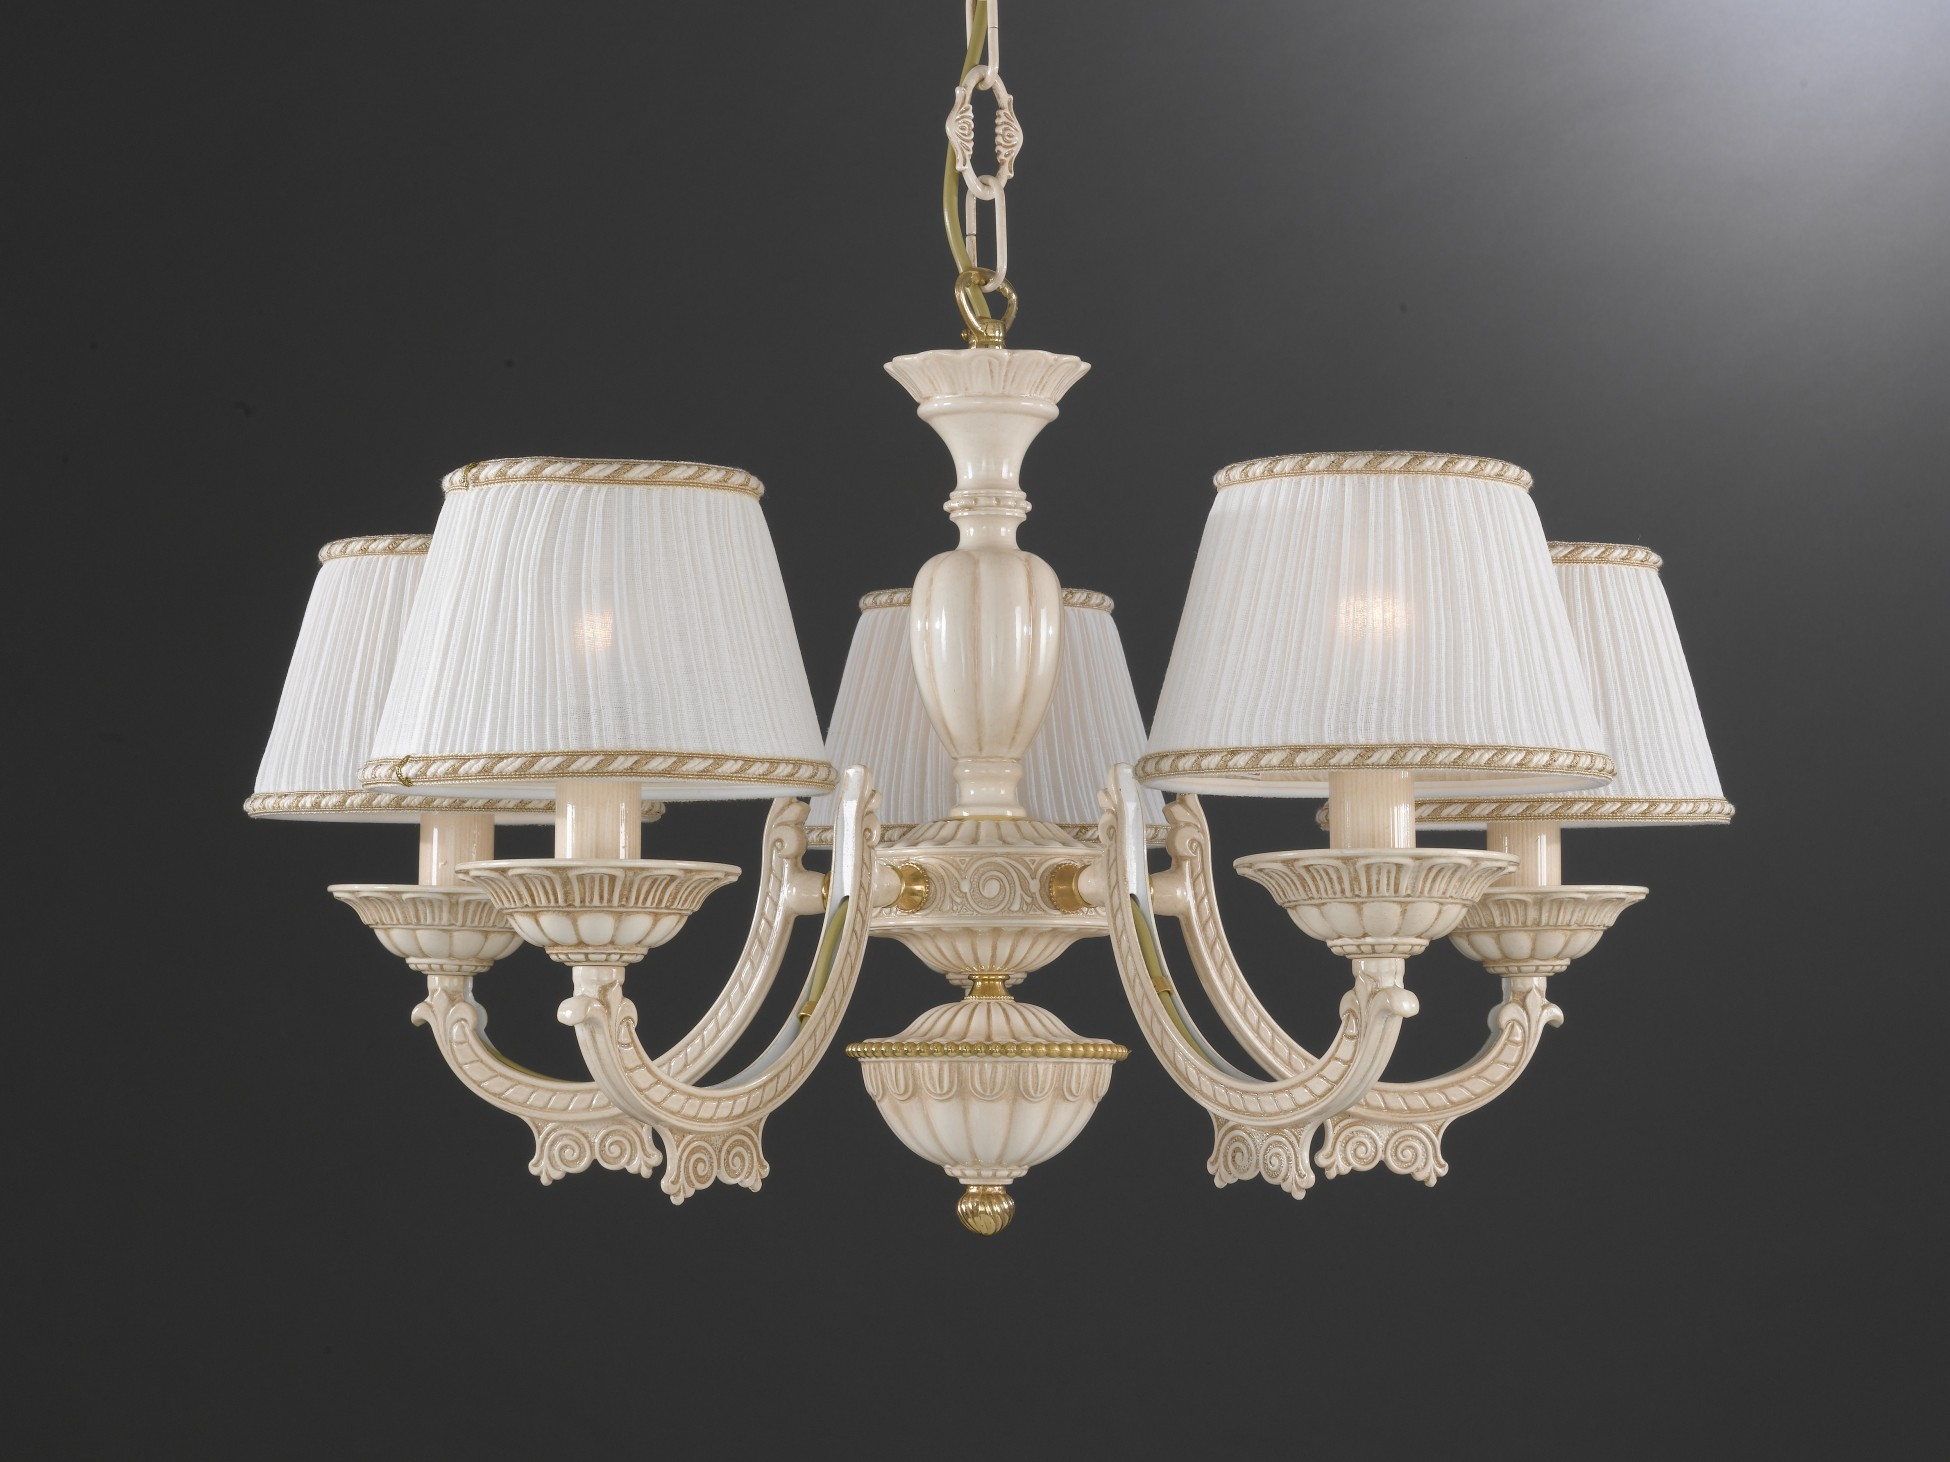 Lampadario in ottone bianco antico con paralumi a 5 luci for Immagini lampadari